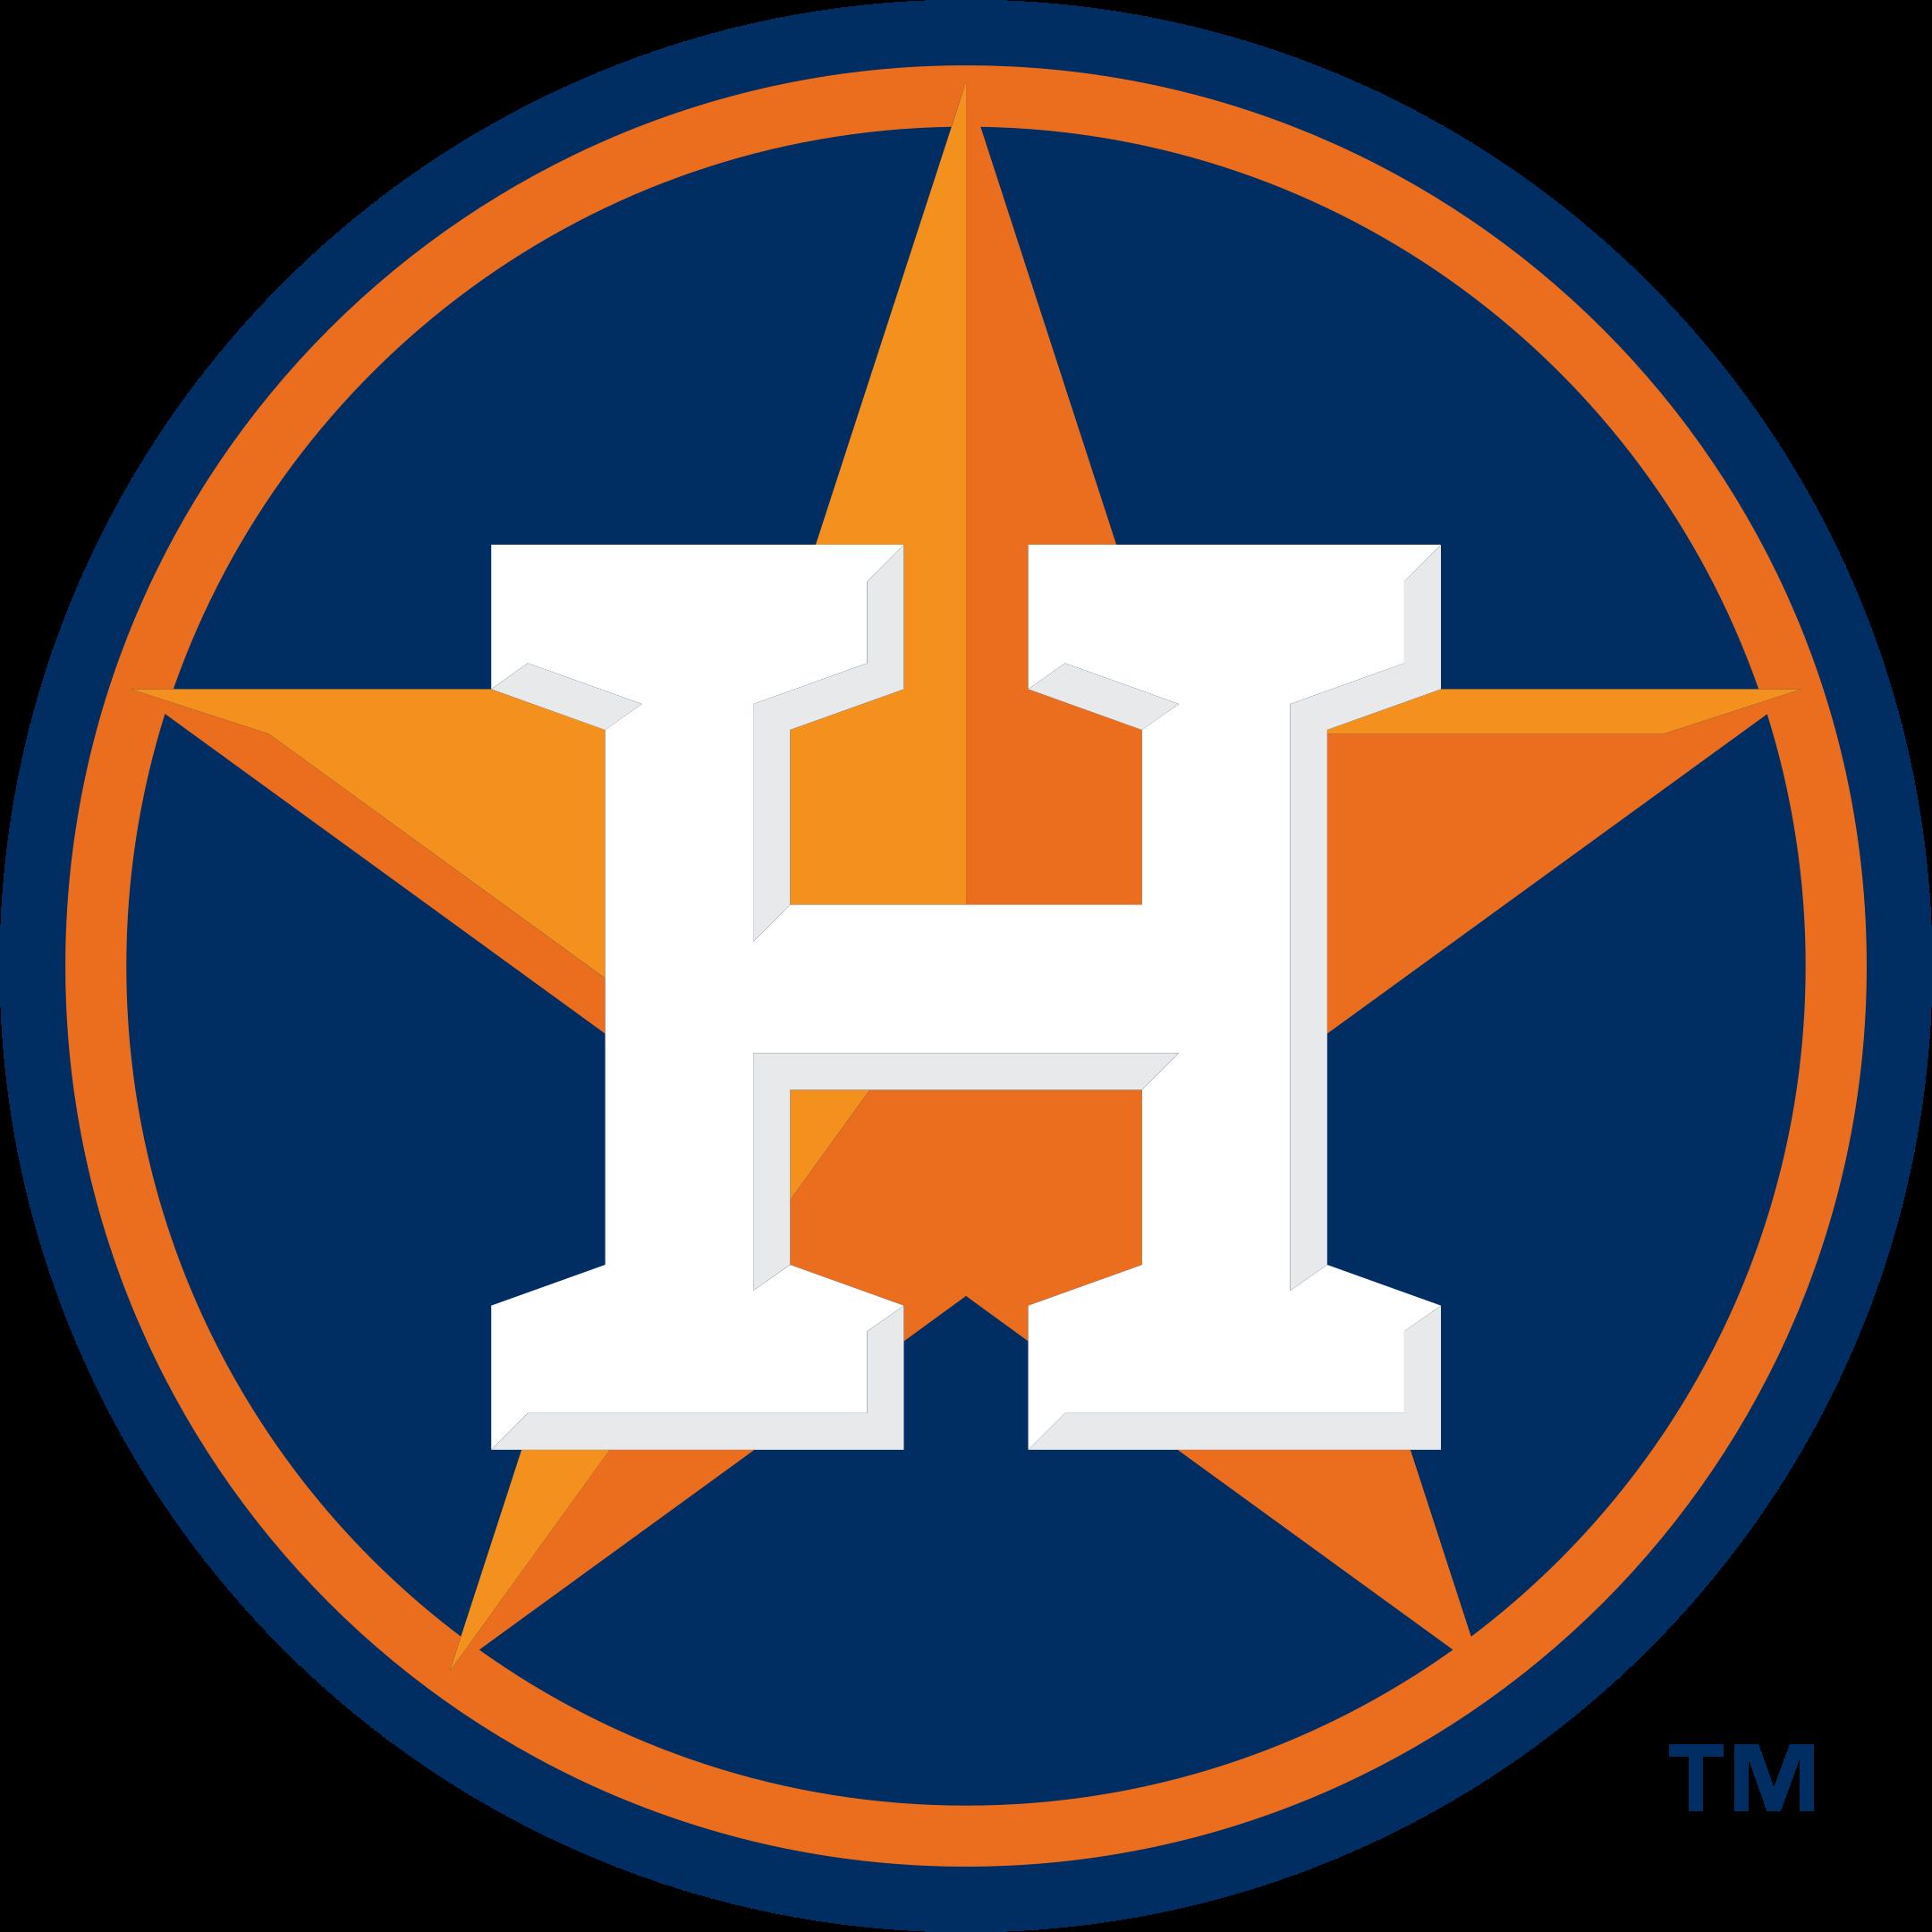 houston astros logo 1 - Houston Astros Logo